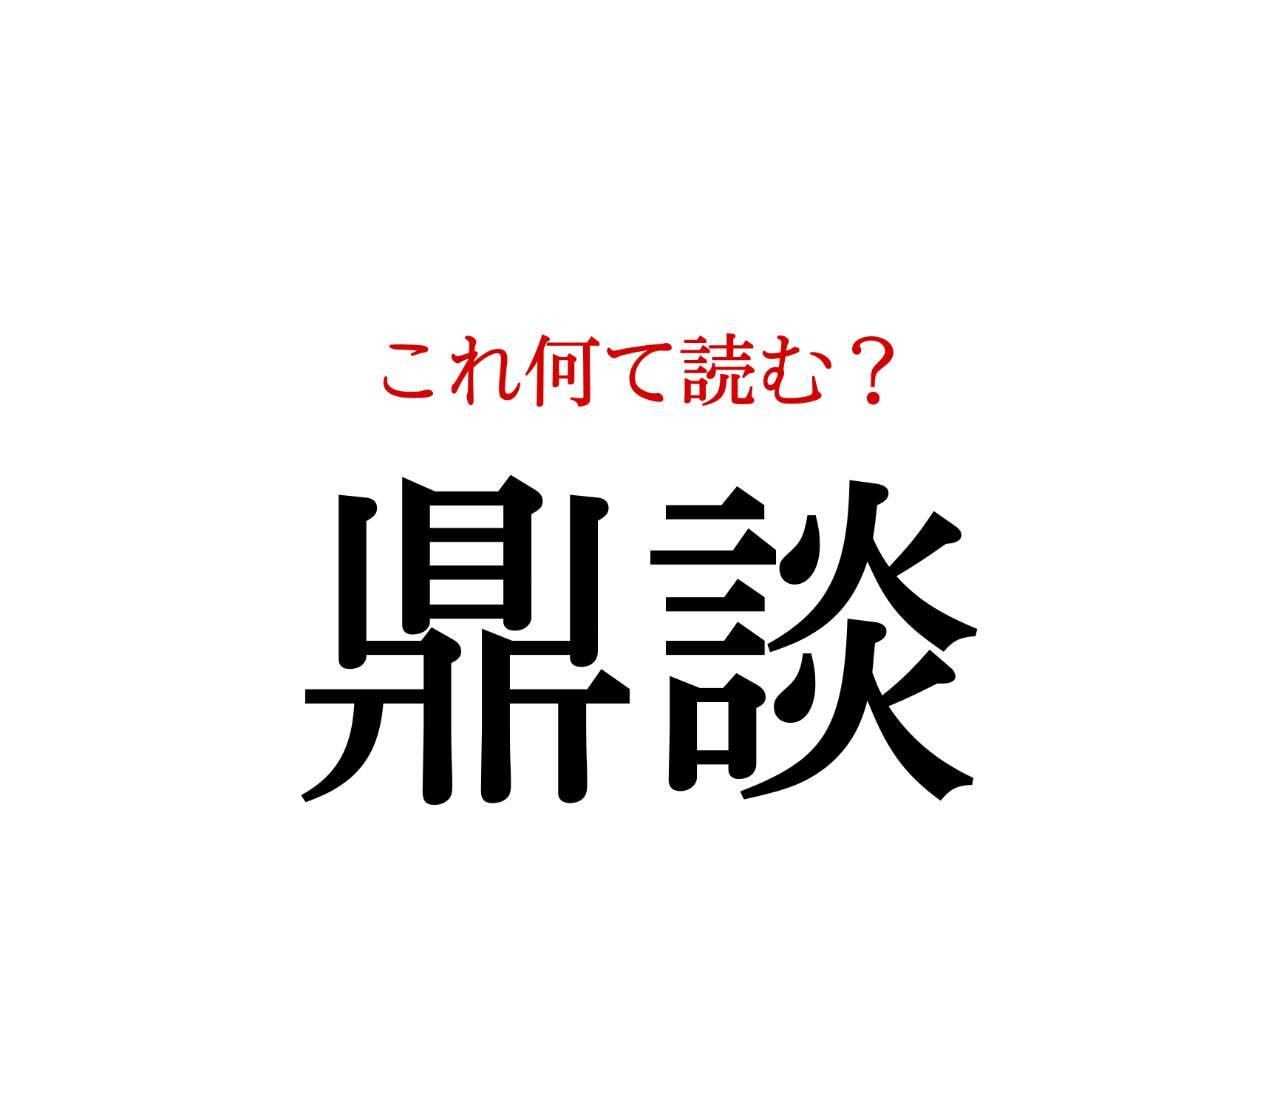 「鼎談」:この漢字、自信を持って読めますか?【働く大人の漢字クイズvol.113】